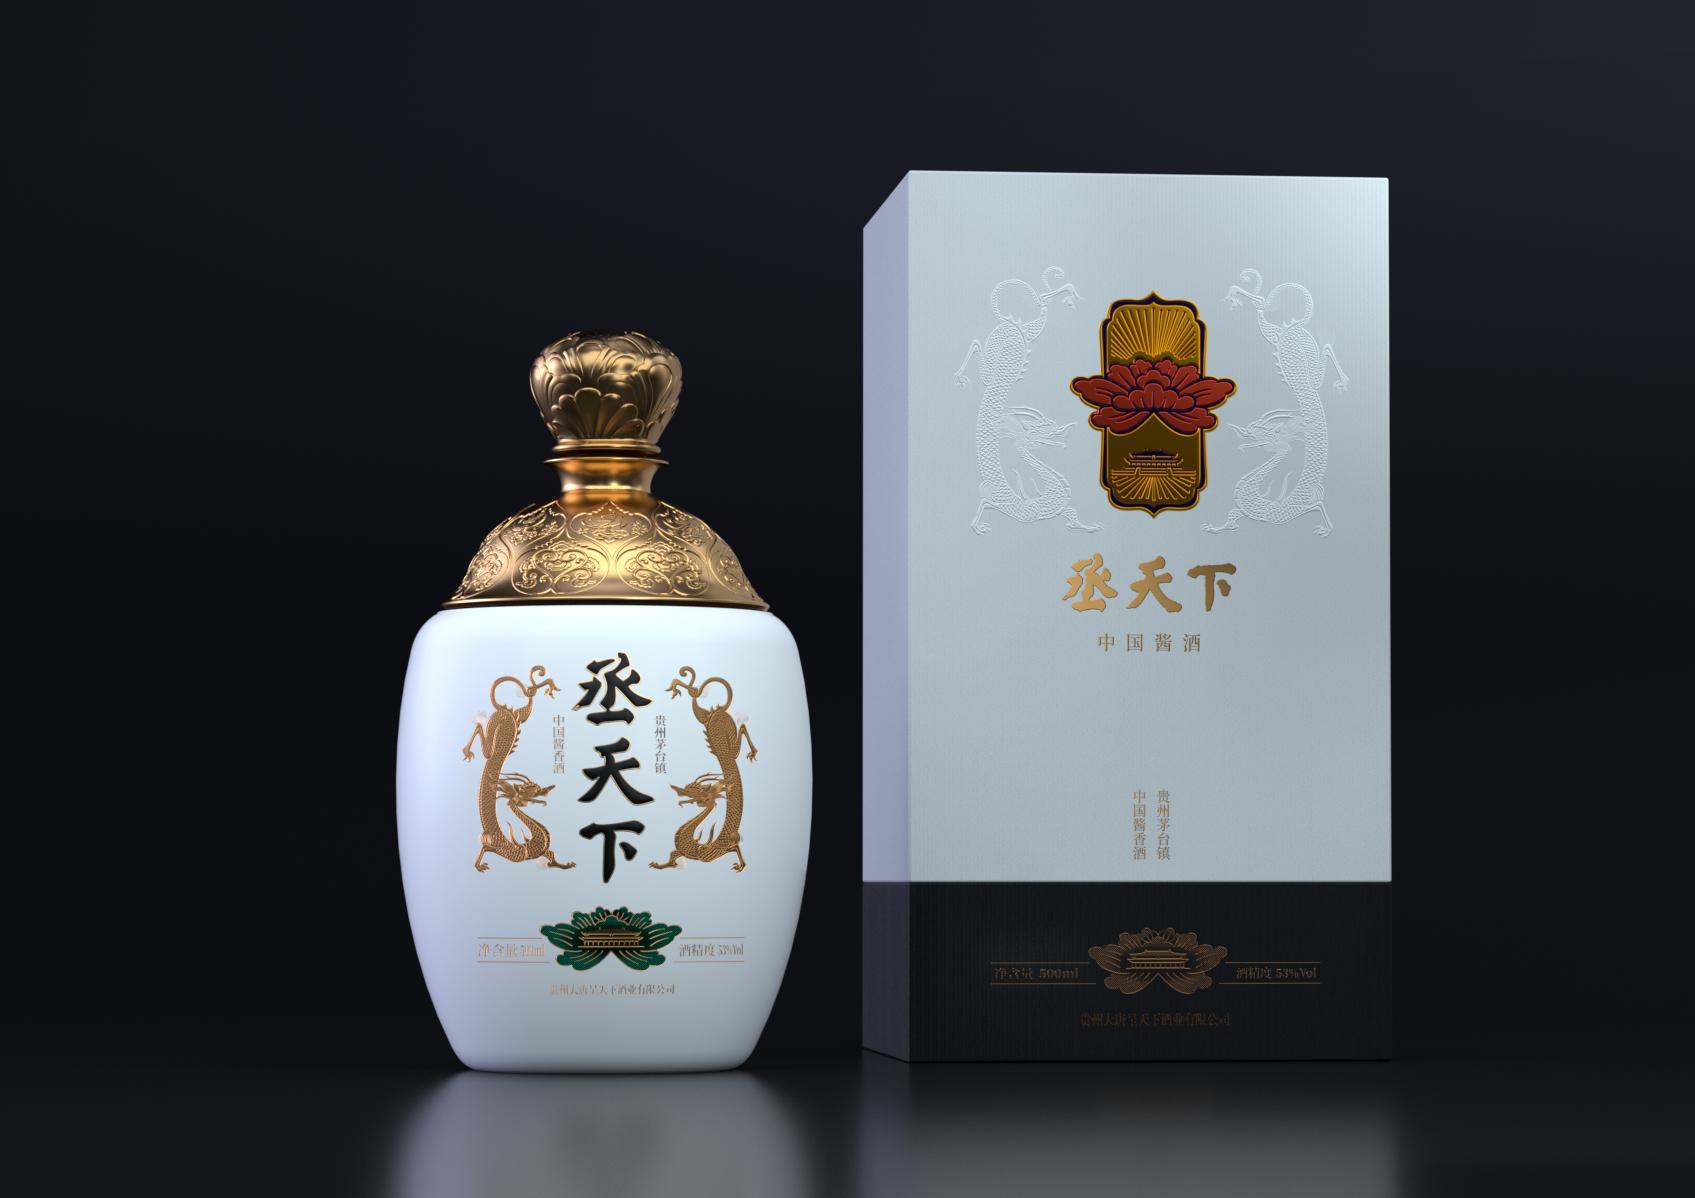 贵州茅台酱香酒